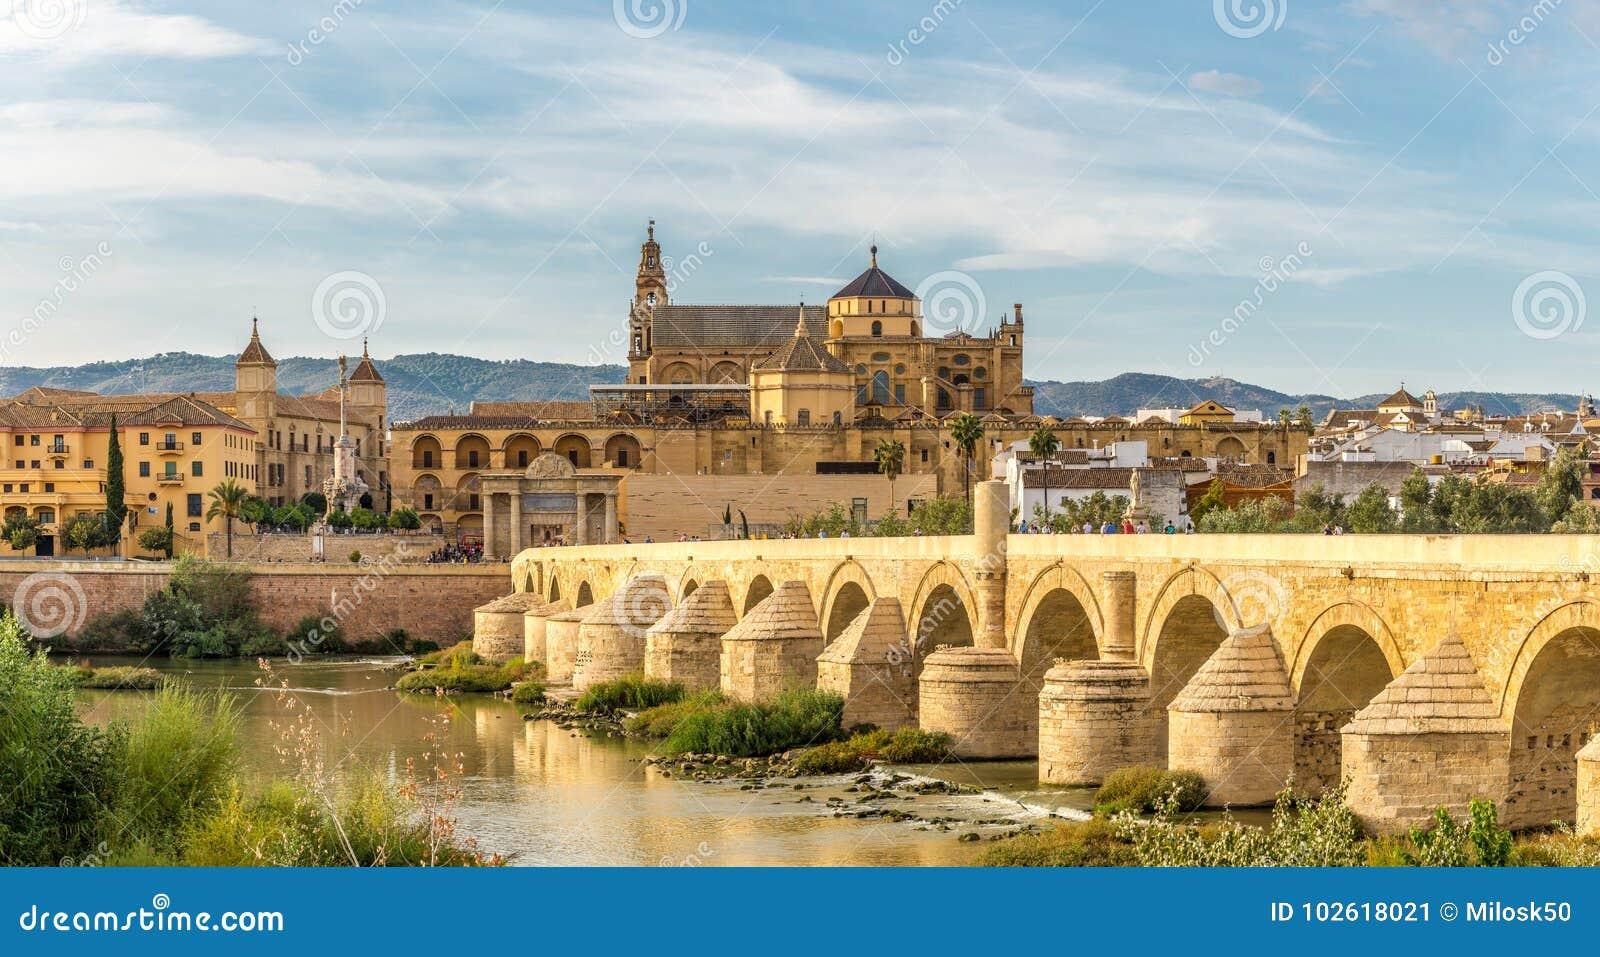 Vue A La Mosquee Cathedrale Avec Le Vieux Pont Romain A